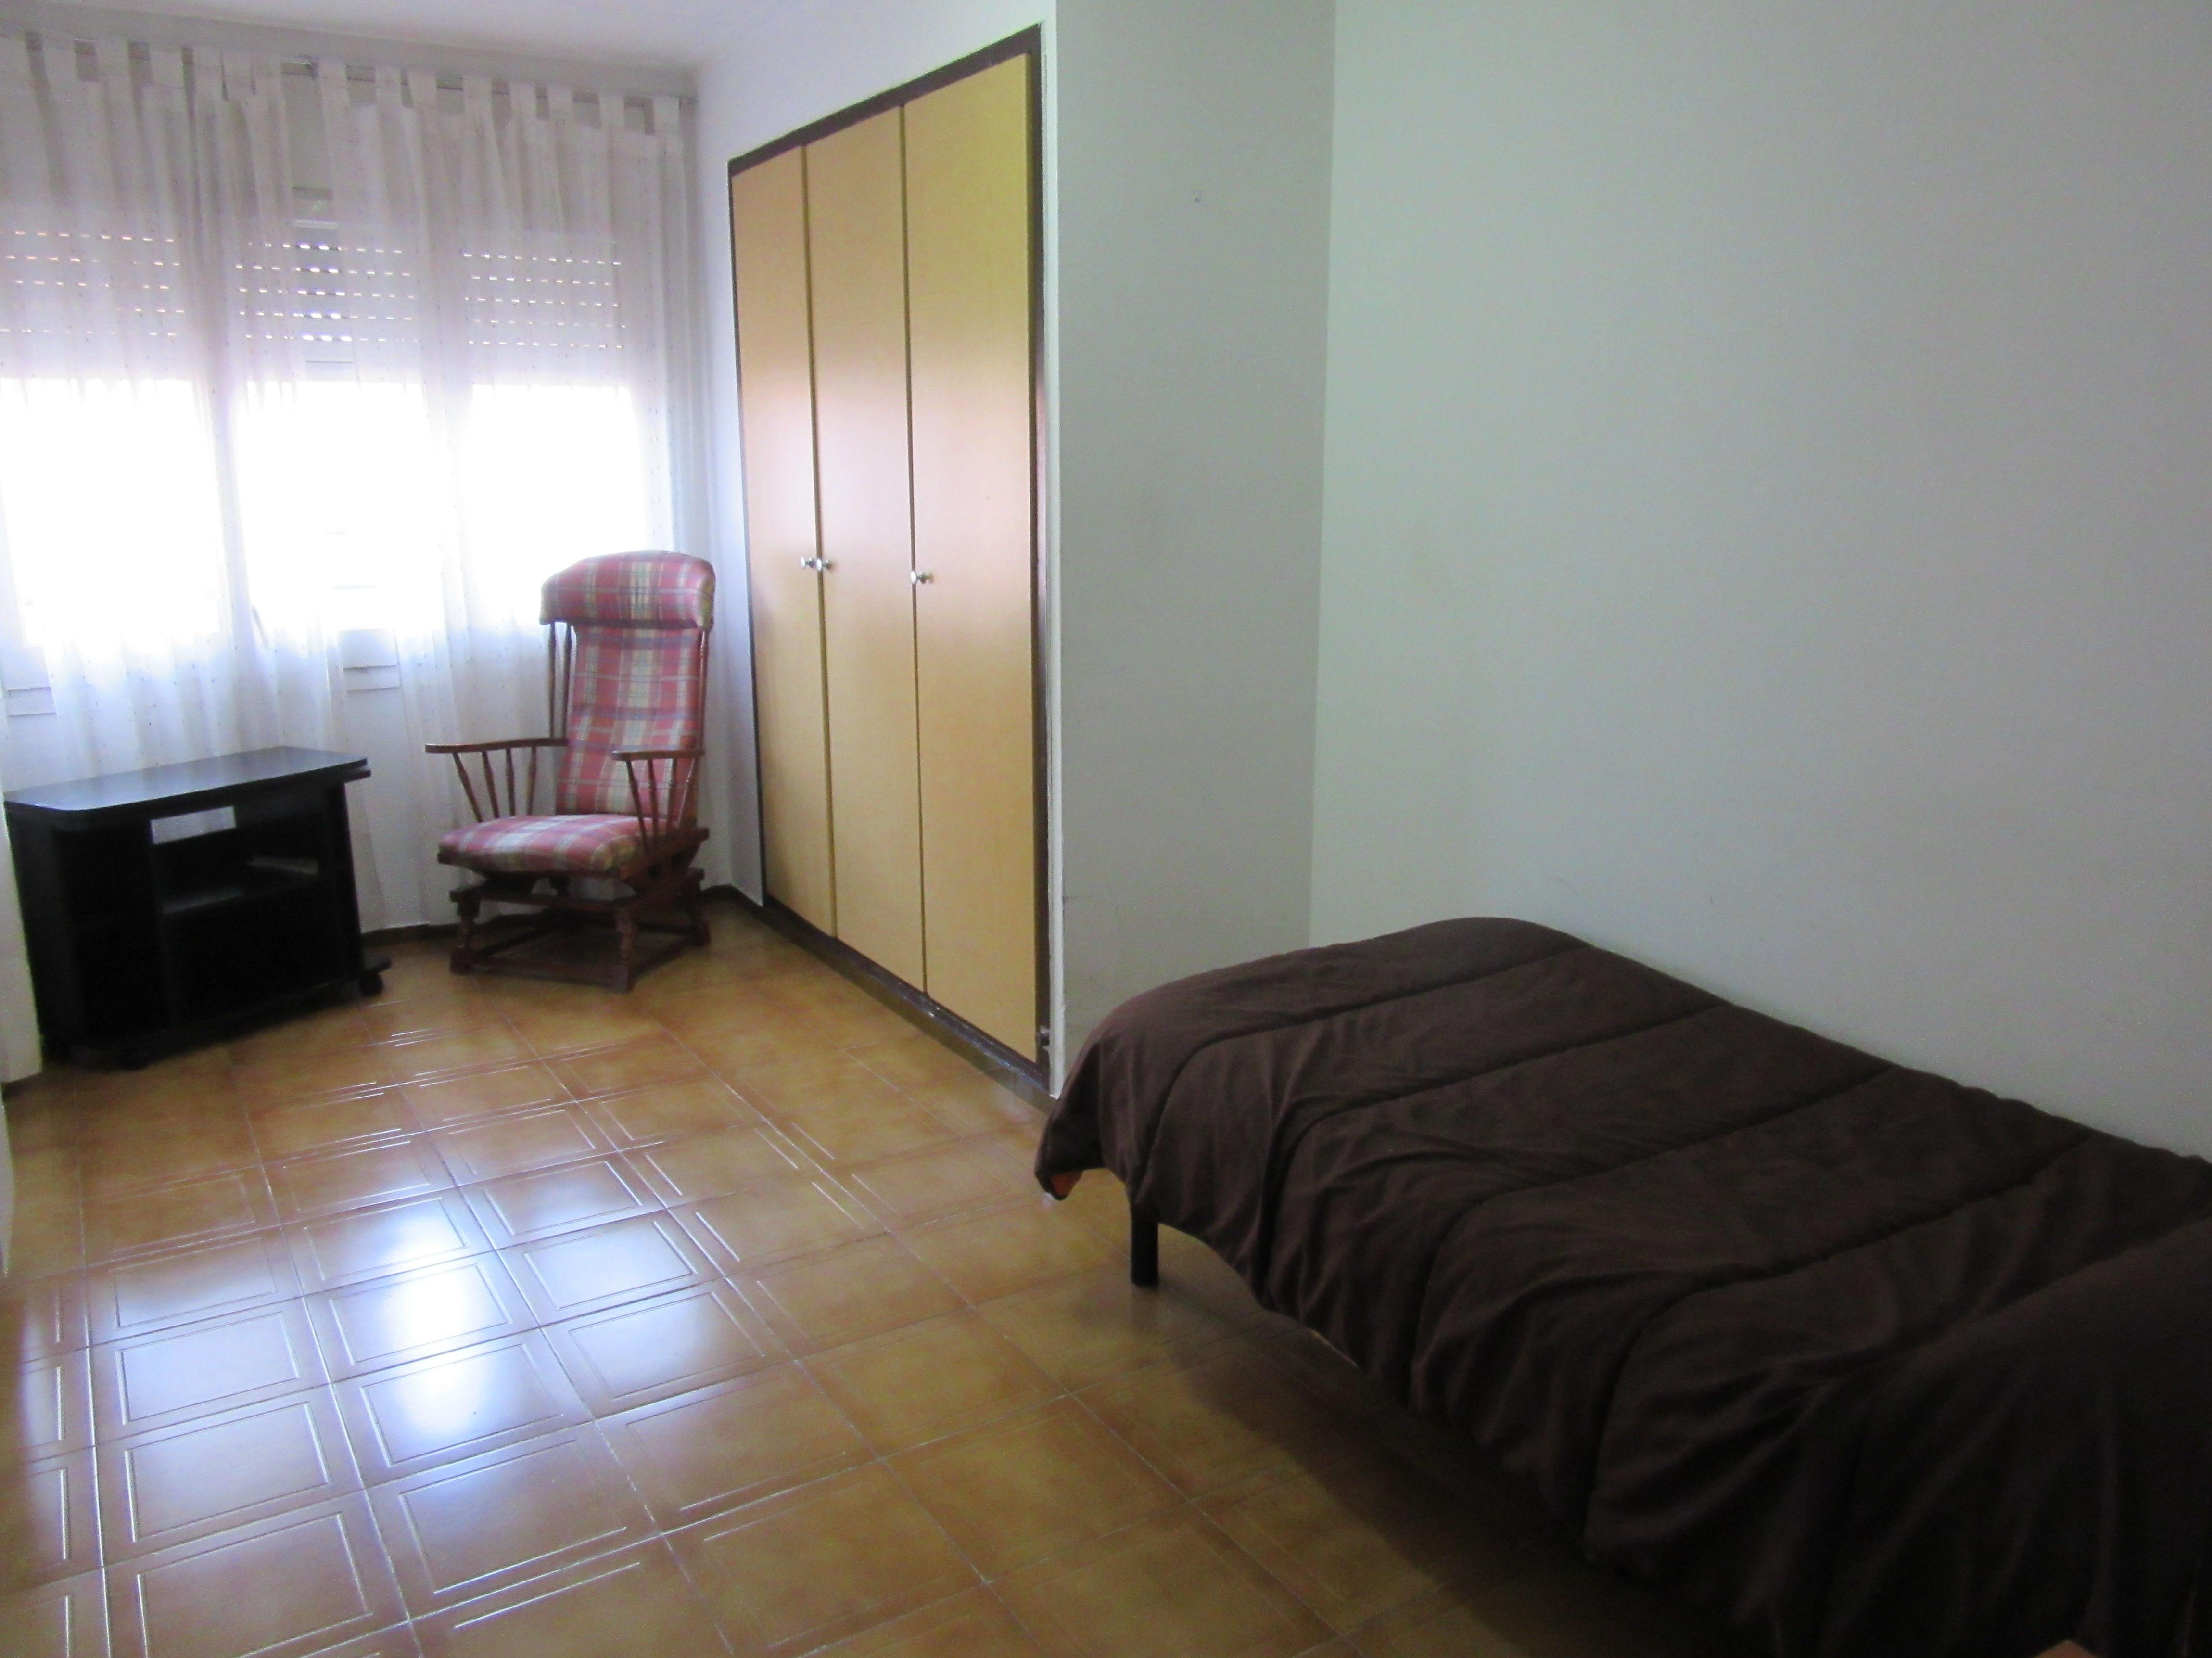 Habitación individual con todas las comodidades